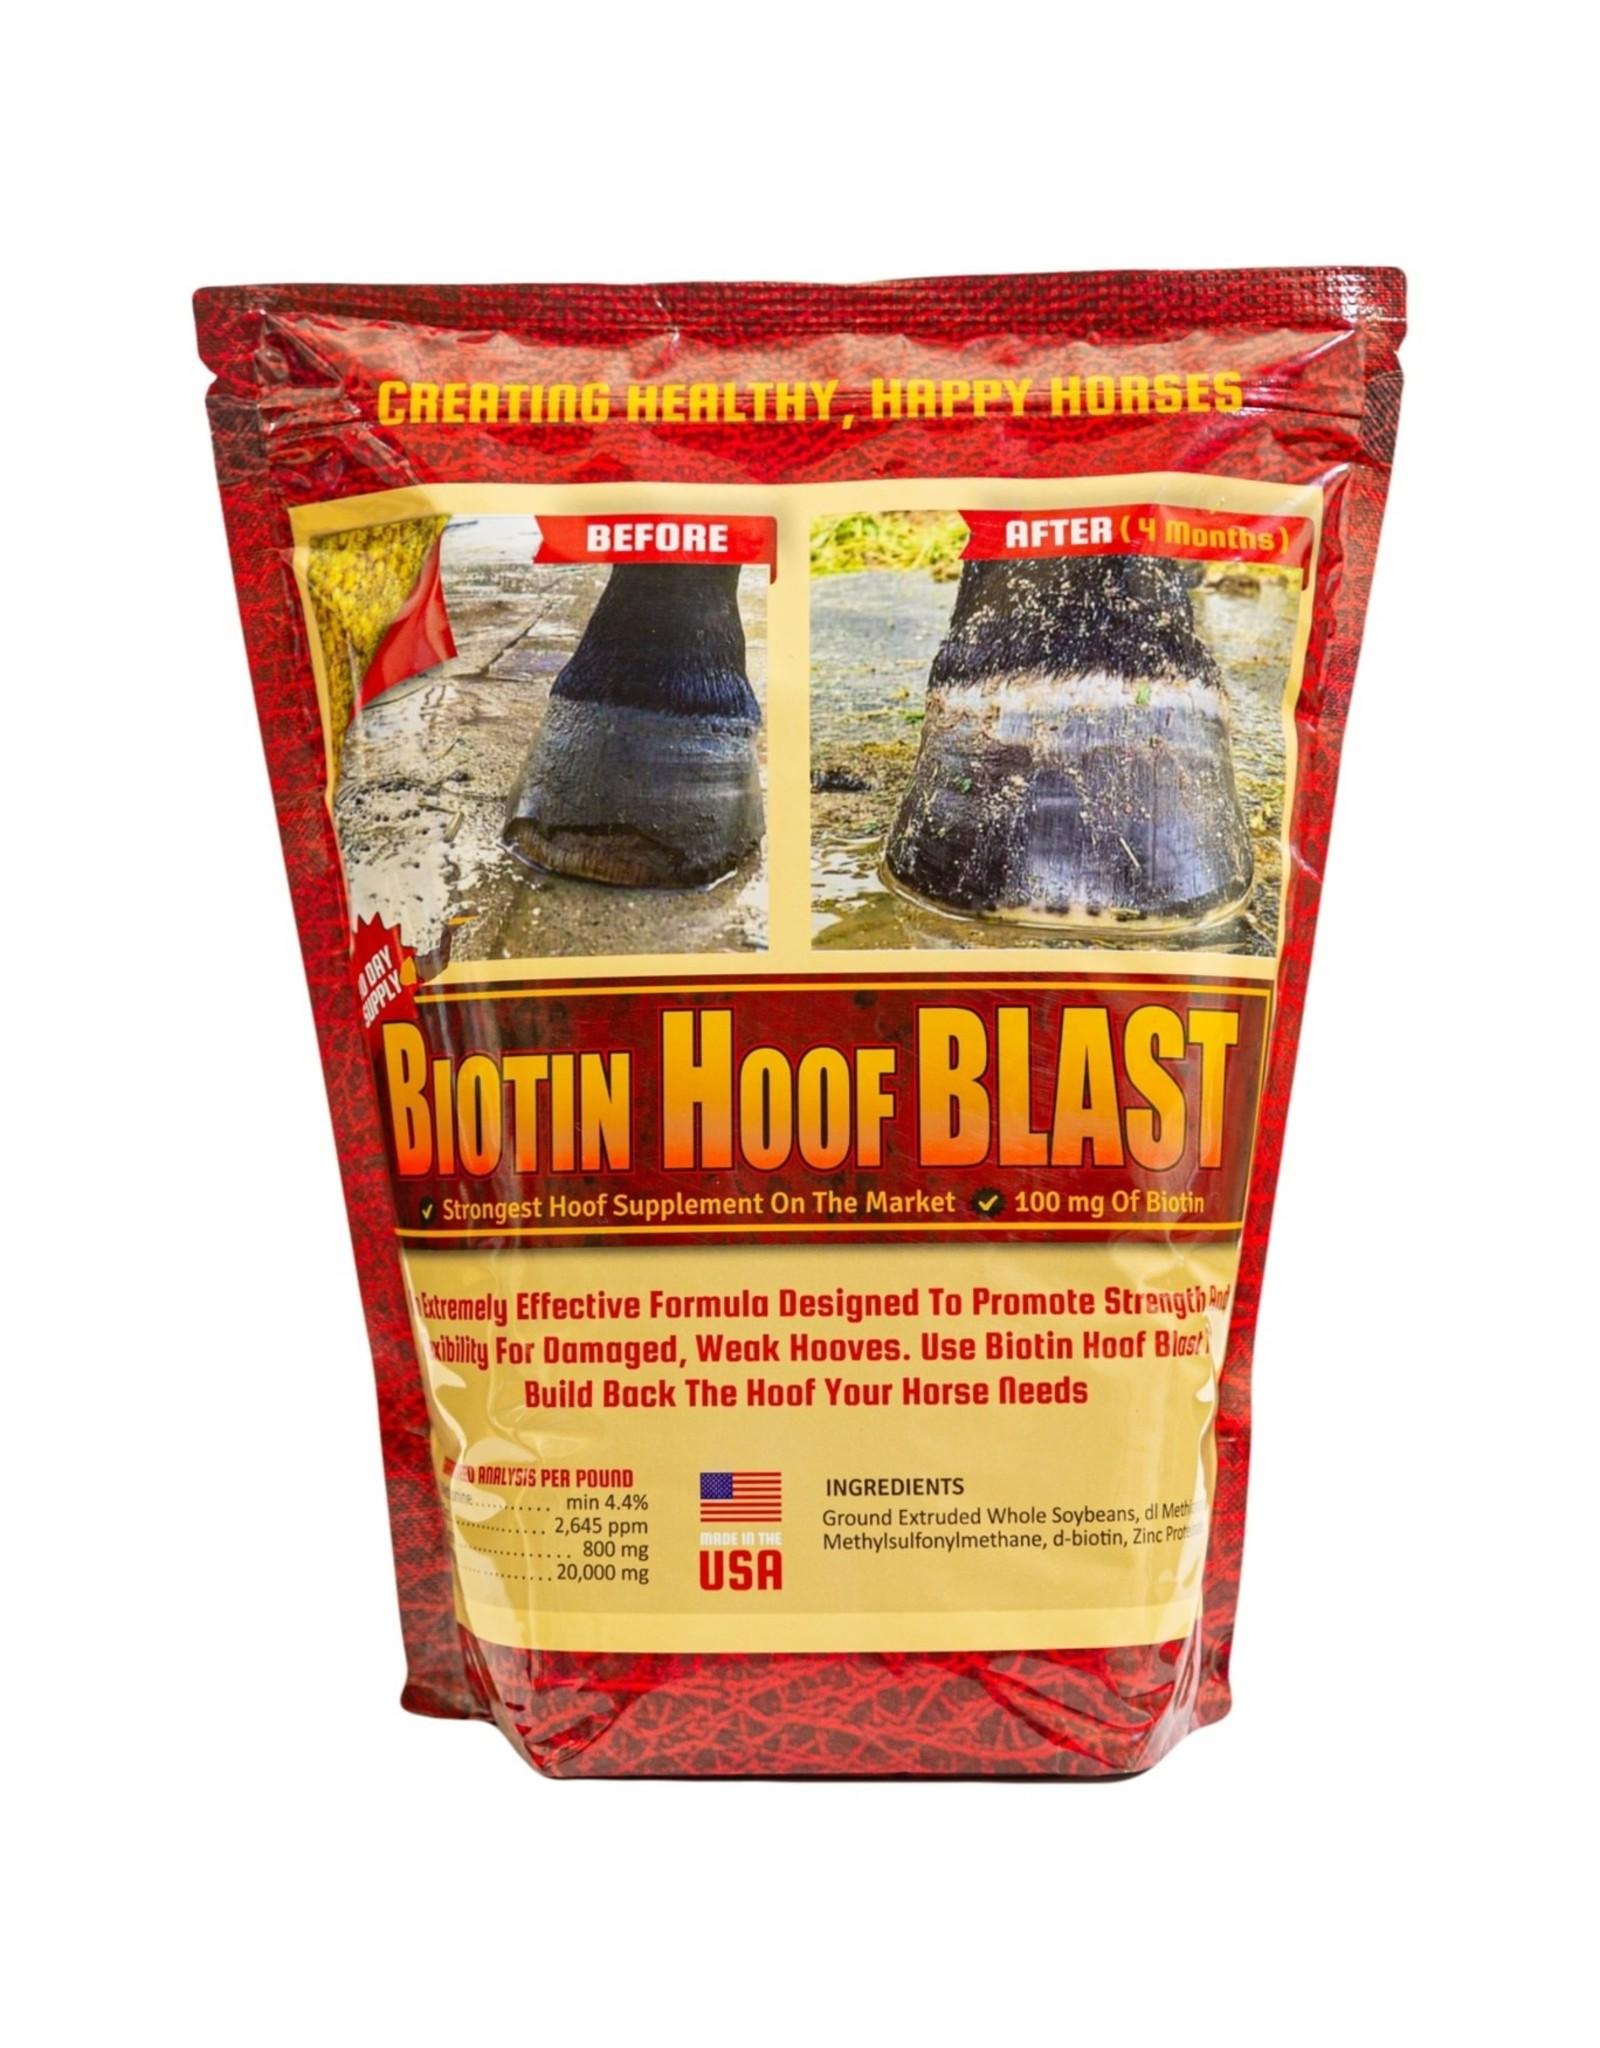 Horse Guard Biotin Hoof Blast 5lb